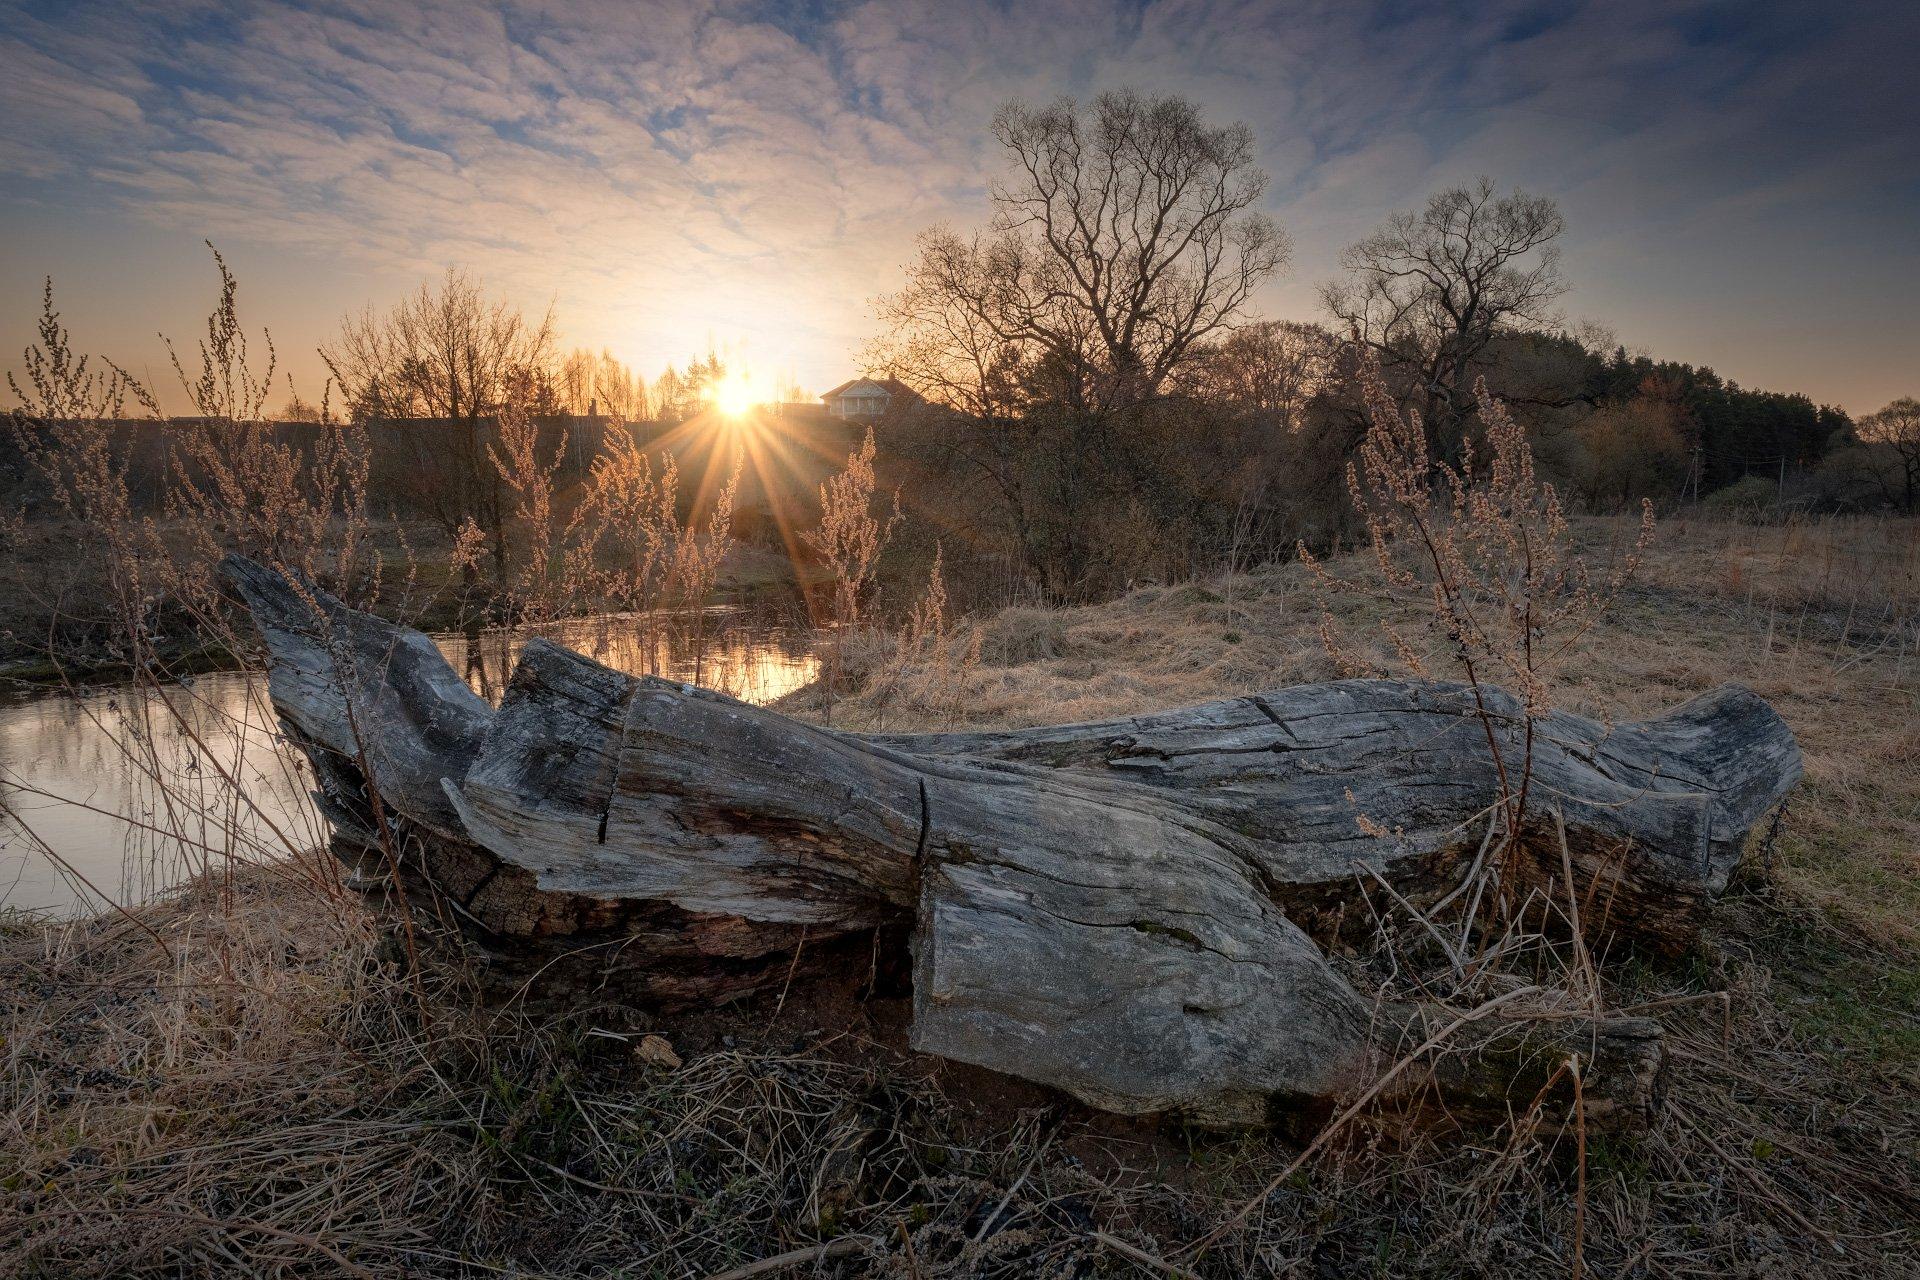 река, истра, утро, коряга, деревья, рассвет, вода,, Андрей Чиж